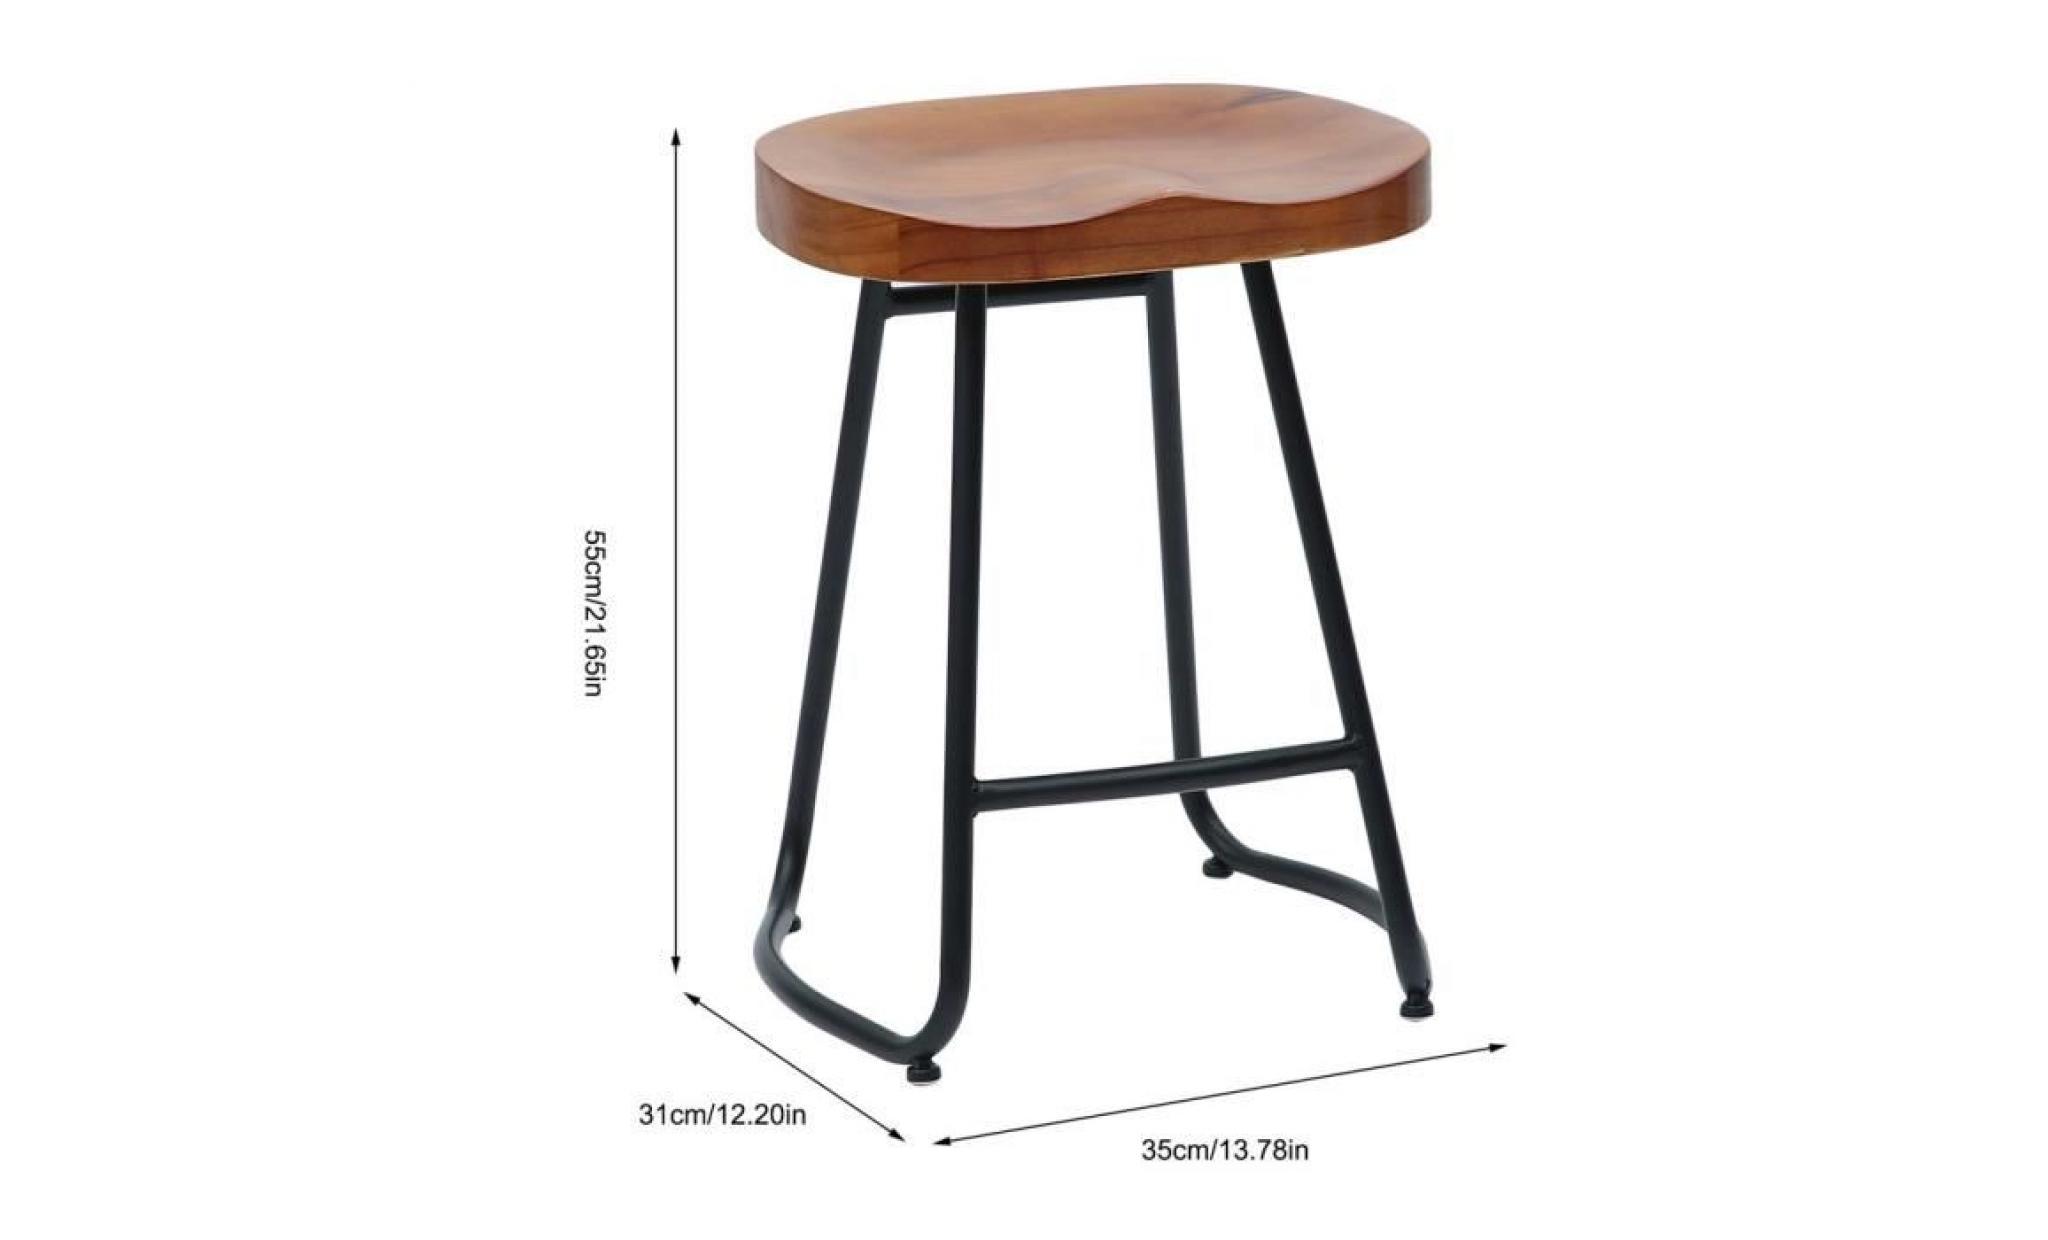 bois avec métal ergonomique style pied en repose tabouret comfortable pied moderne bar de E29HID